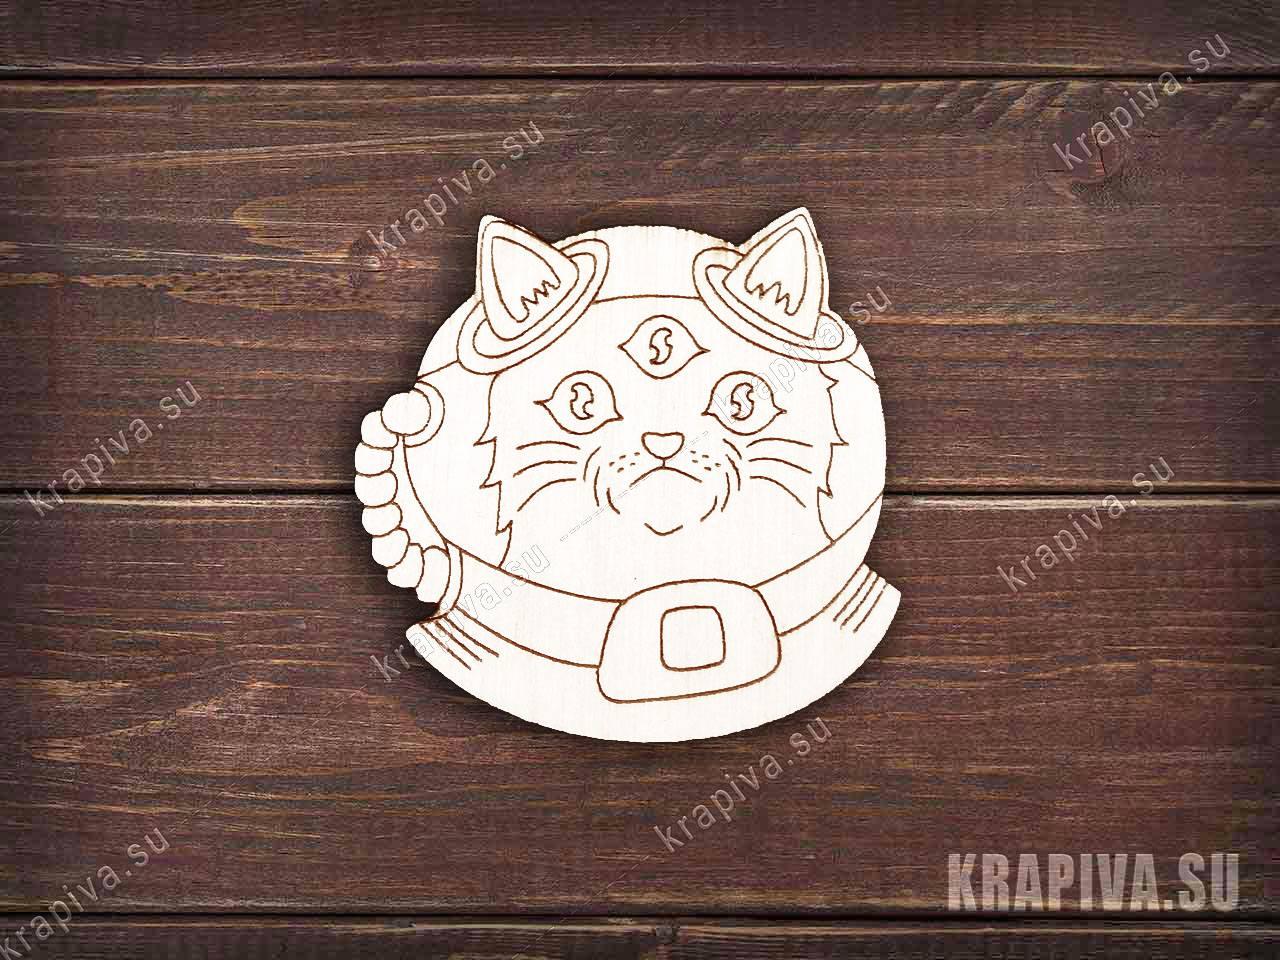 Инопланетный кот заготовка значка (krapiva.su)